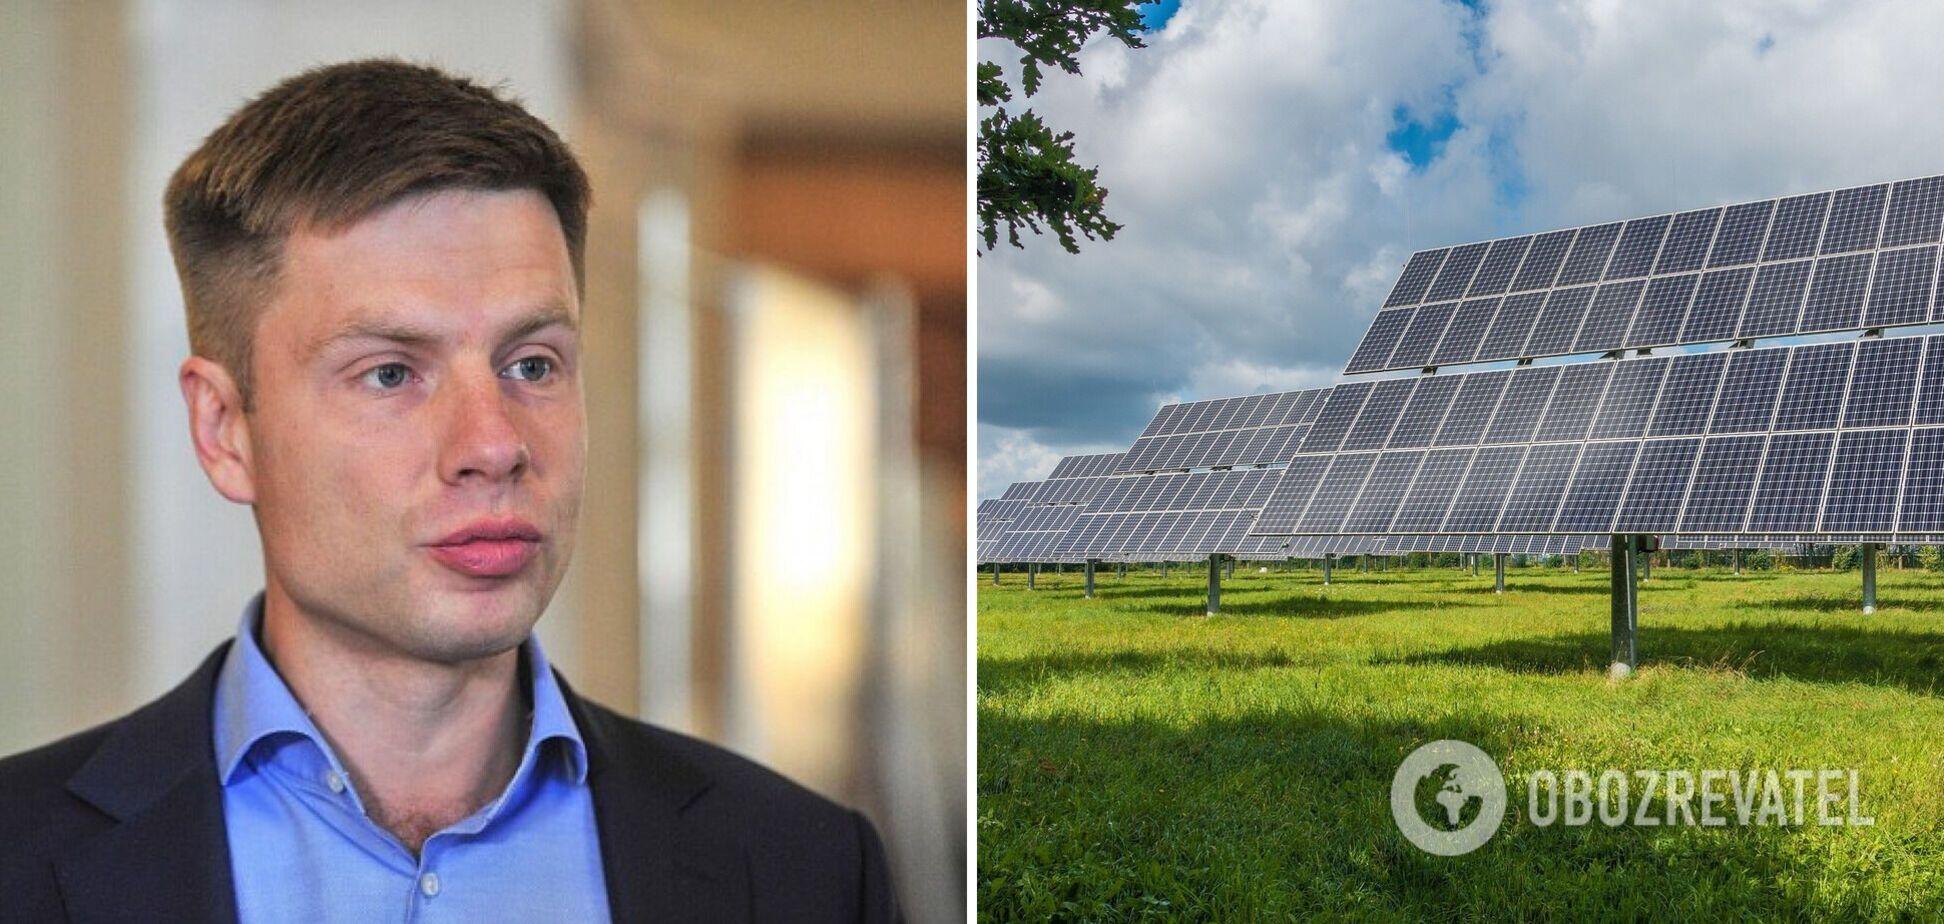 МЗС намагалося зірвати візит нардепів-членів МФО 'Чиста енергія – здорове довкілля' до США, заявив Гончаренко